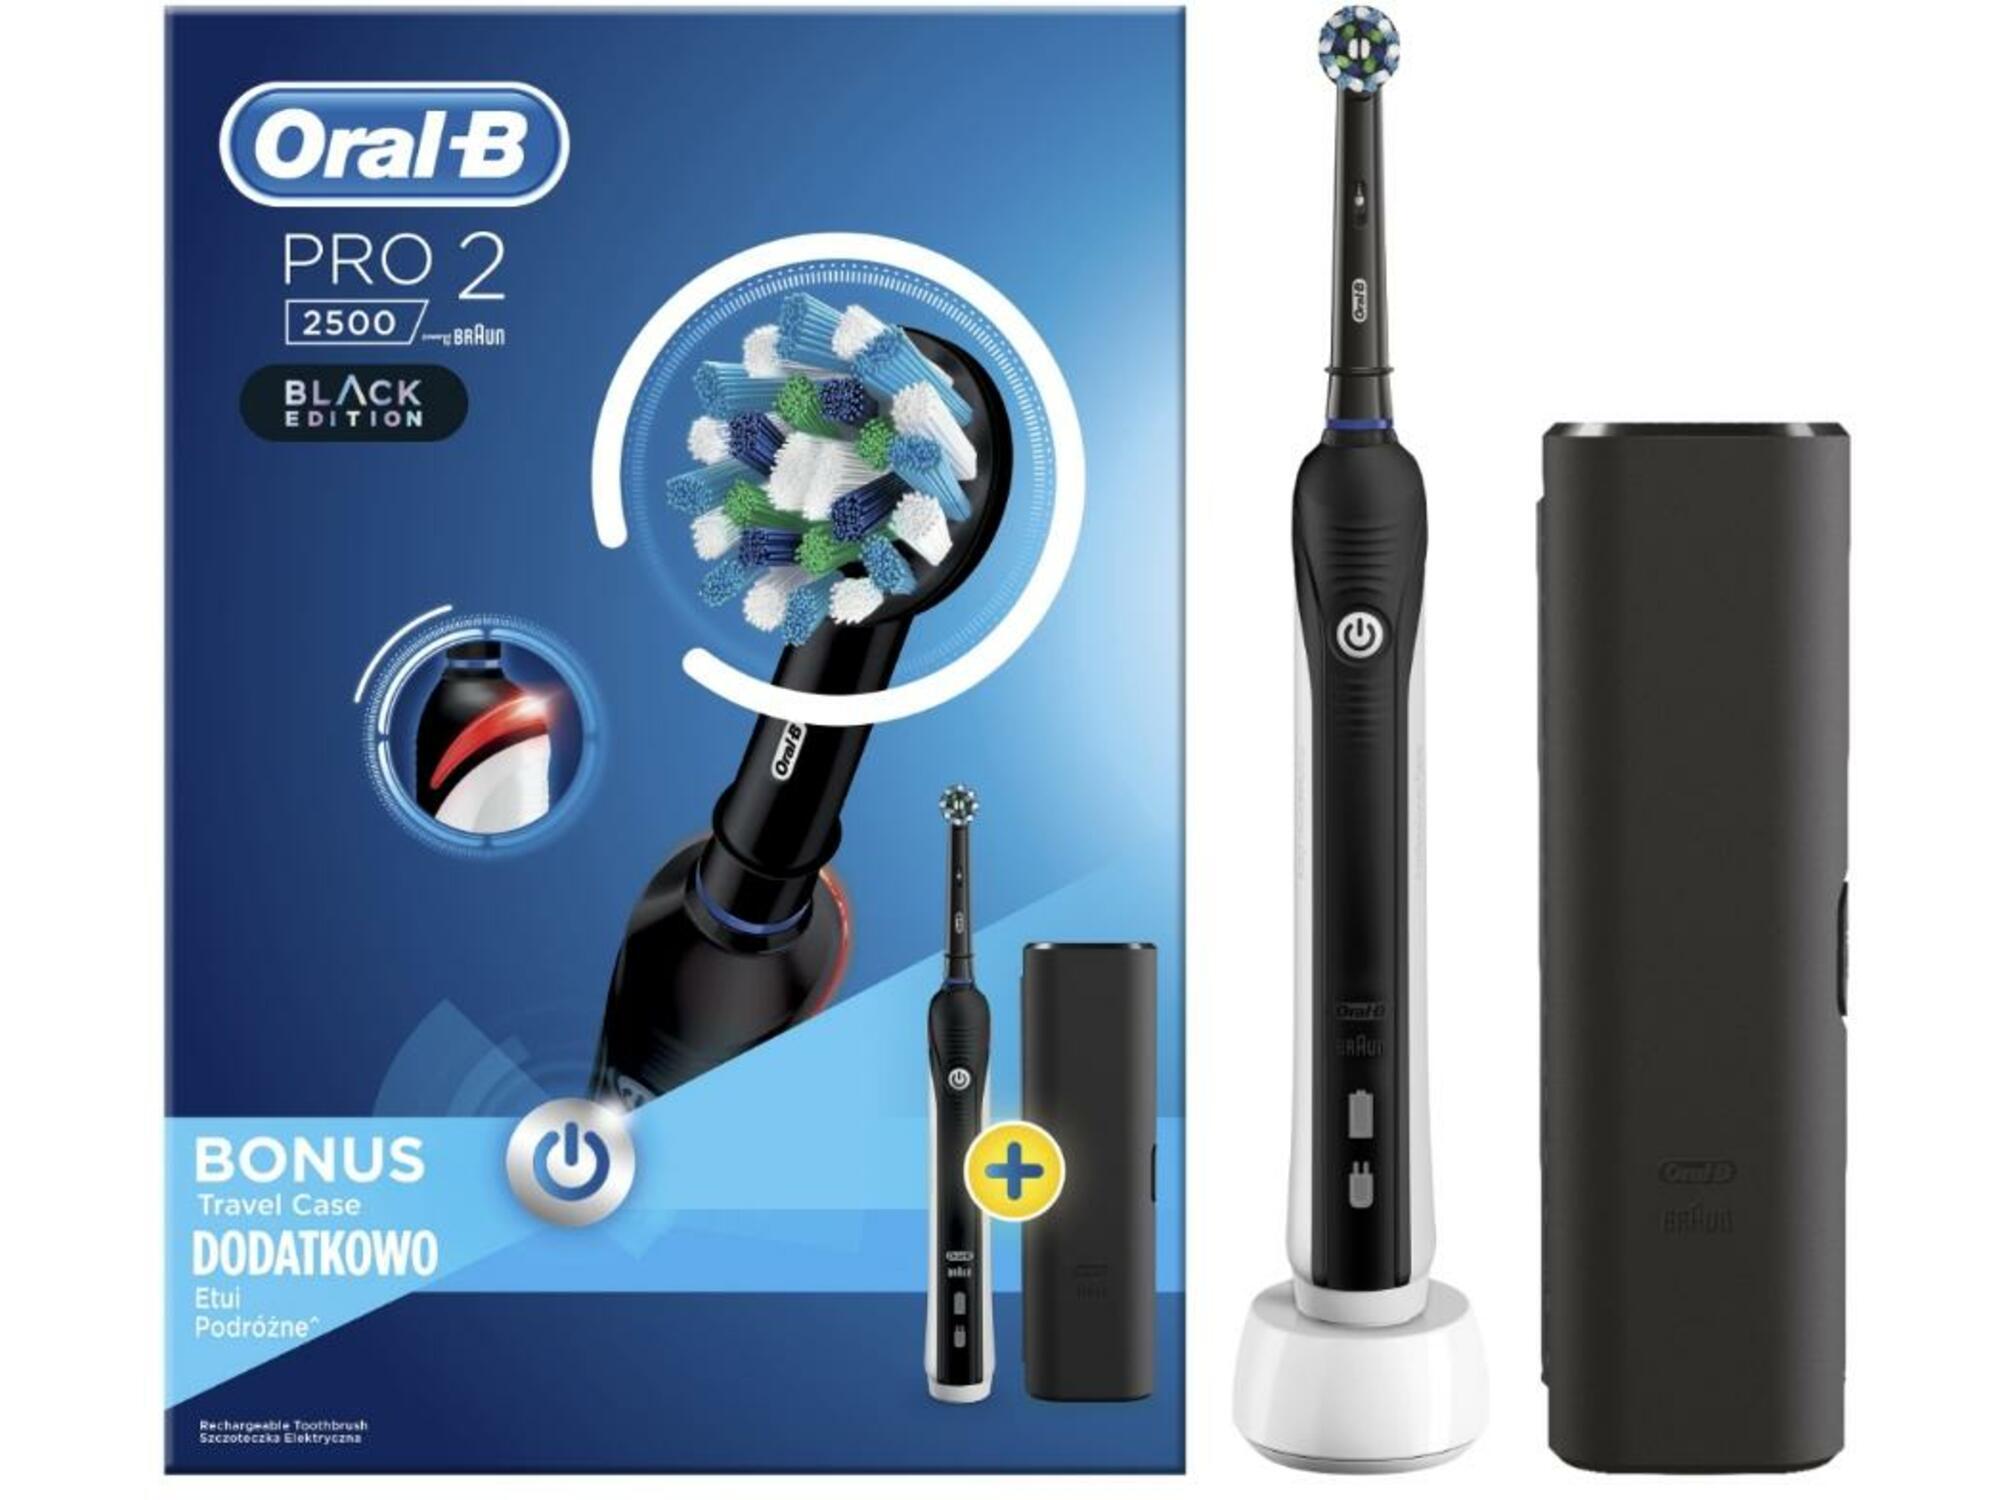 ORAL B električna zobna ščetka + potovalni etui Pro 2 2500 Black Edition 4210201219163